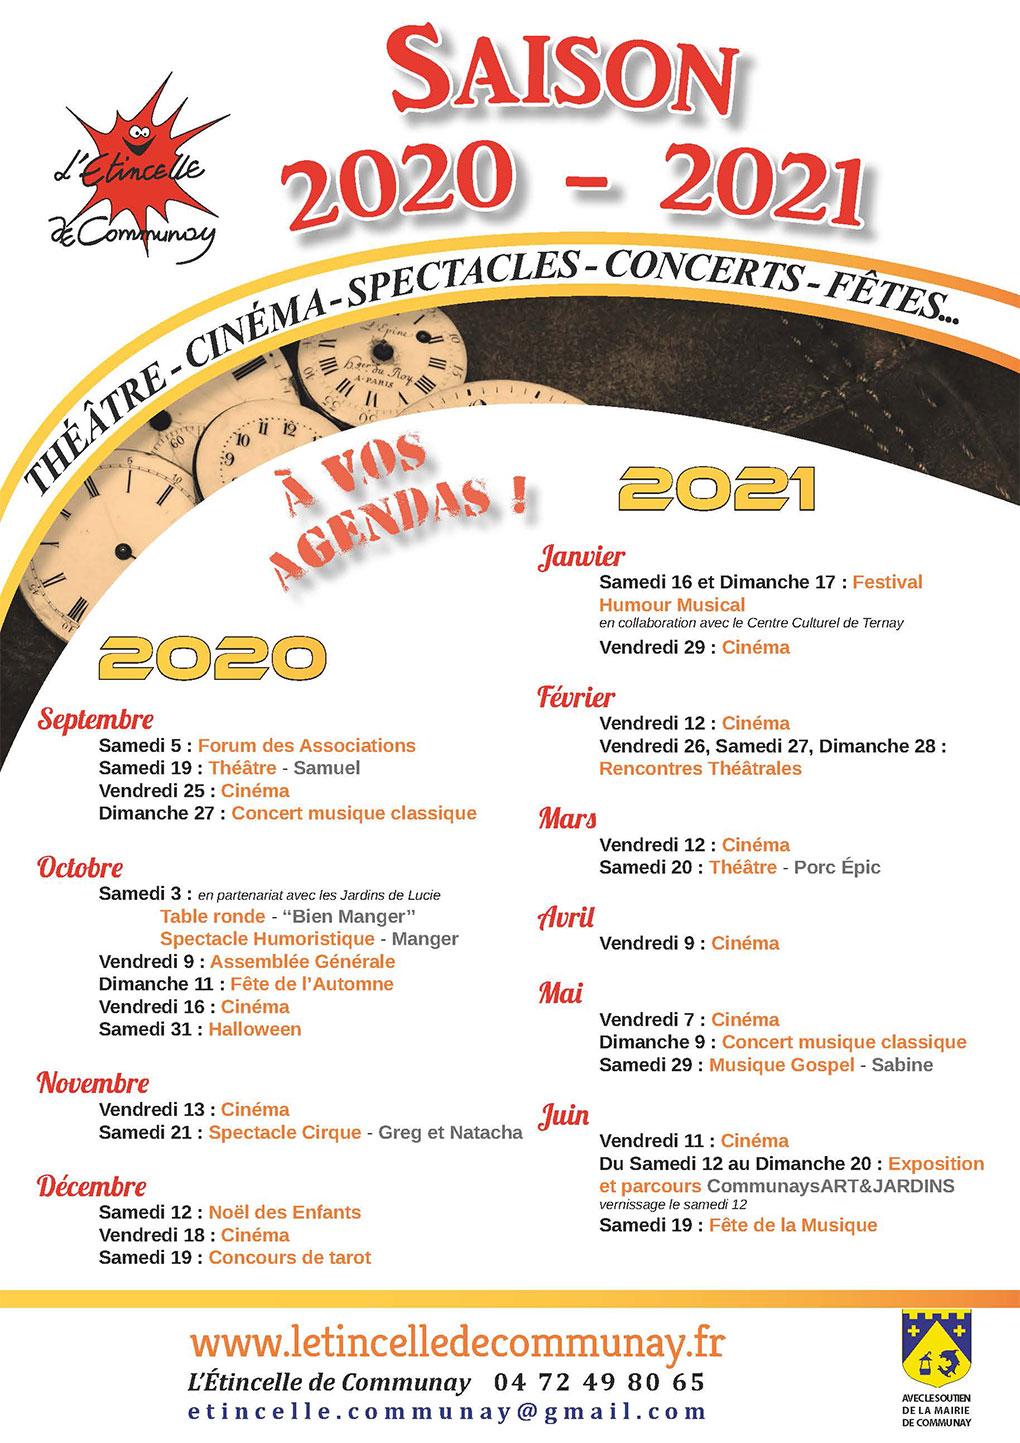 l'Etincelle-saison 2020-2021 : théâtre-cinéma-spectacles-concerts-fêtes